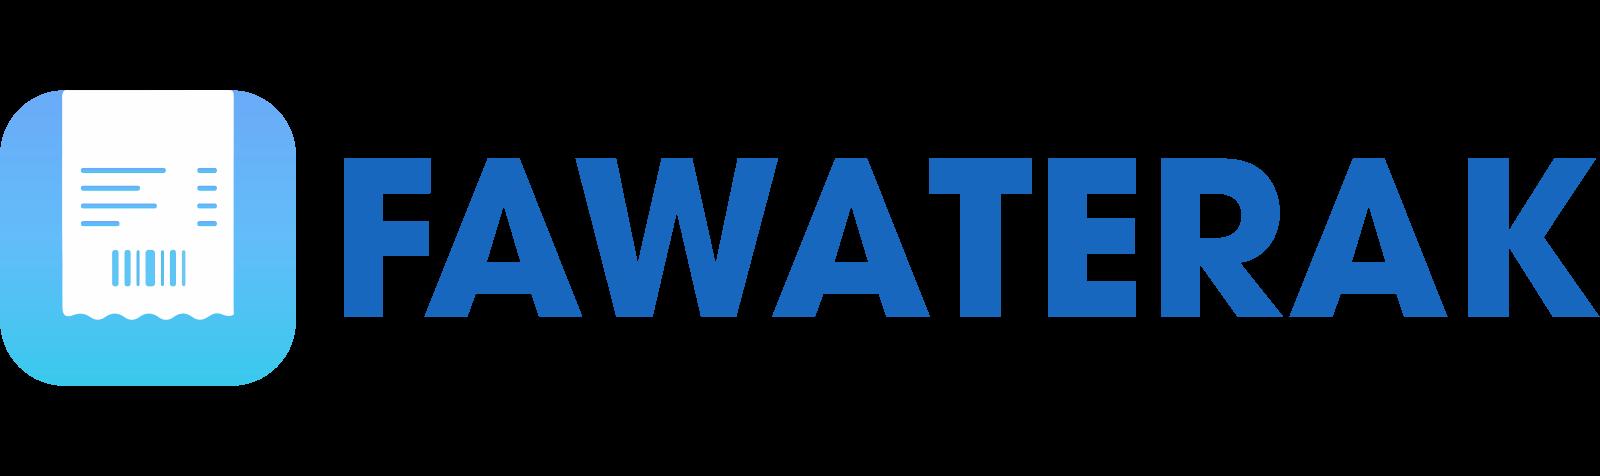 Fawaterak